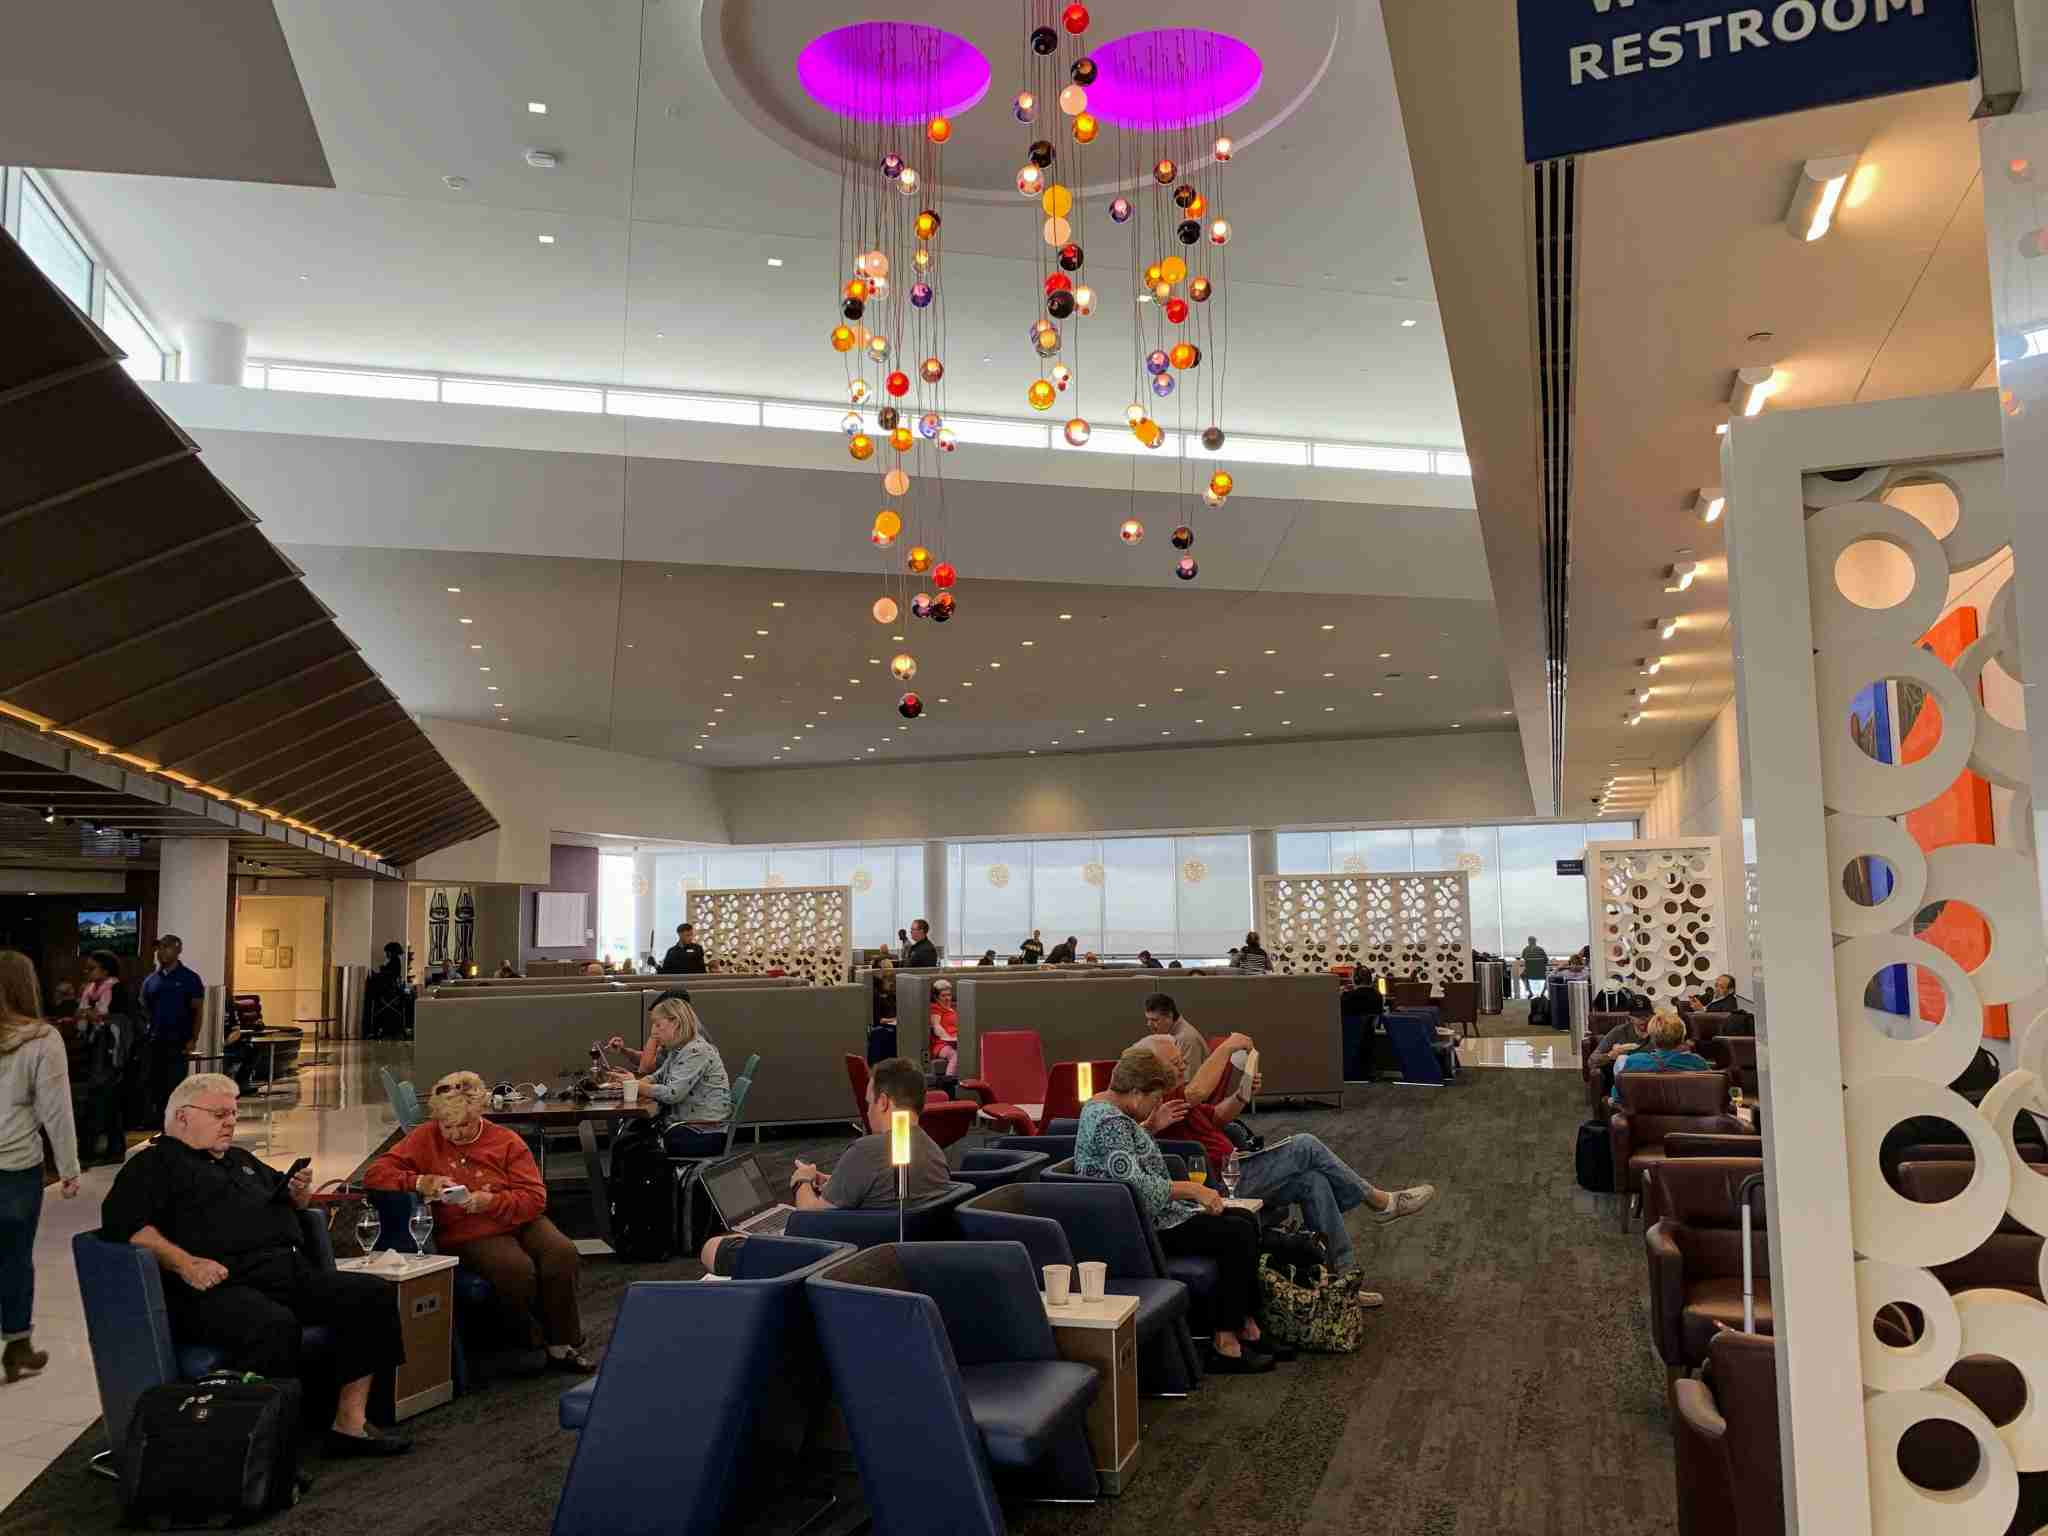 Delta Sky Club ATL Terminal B